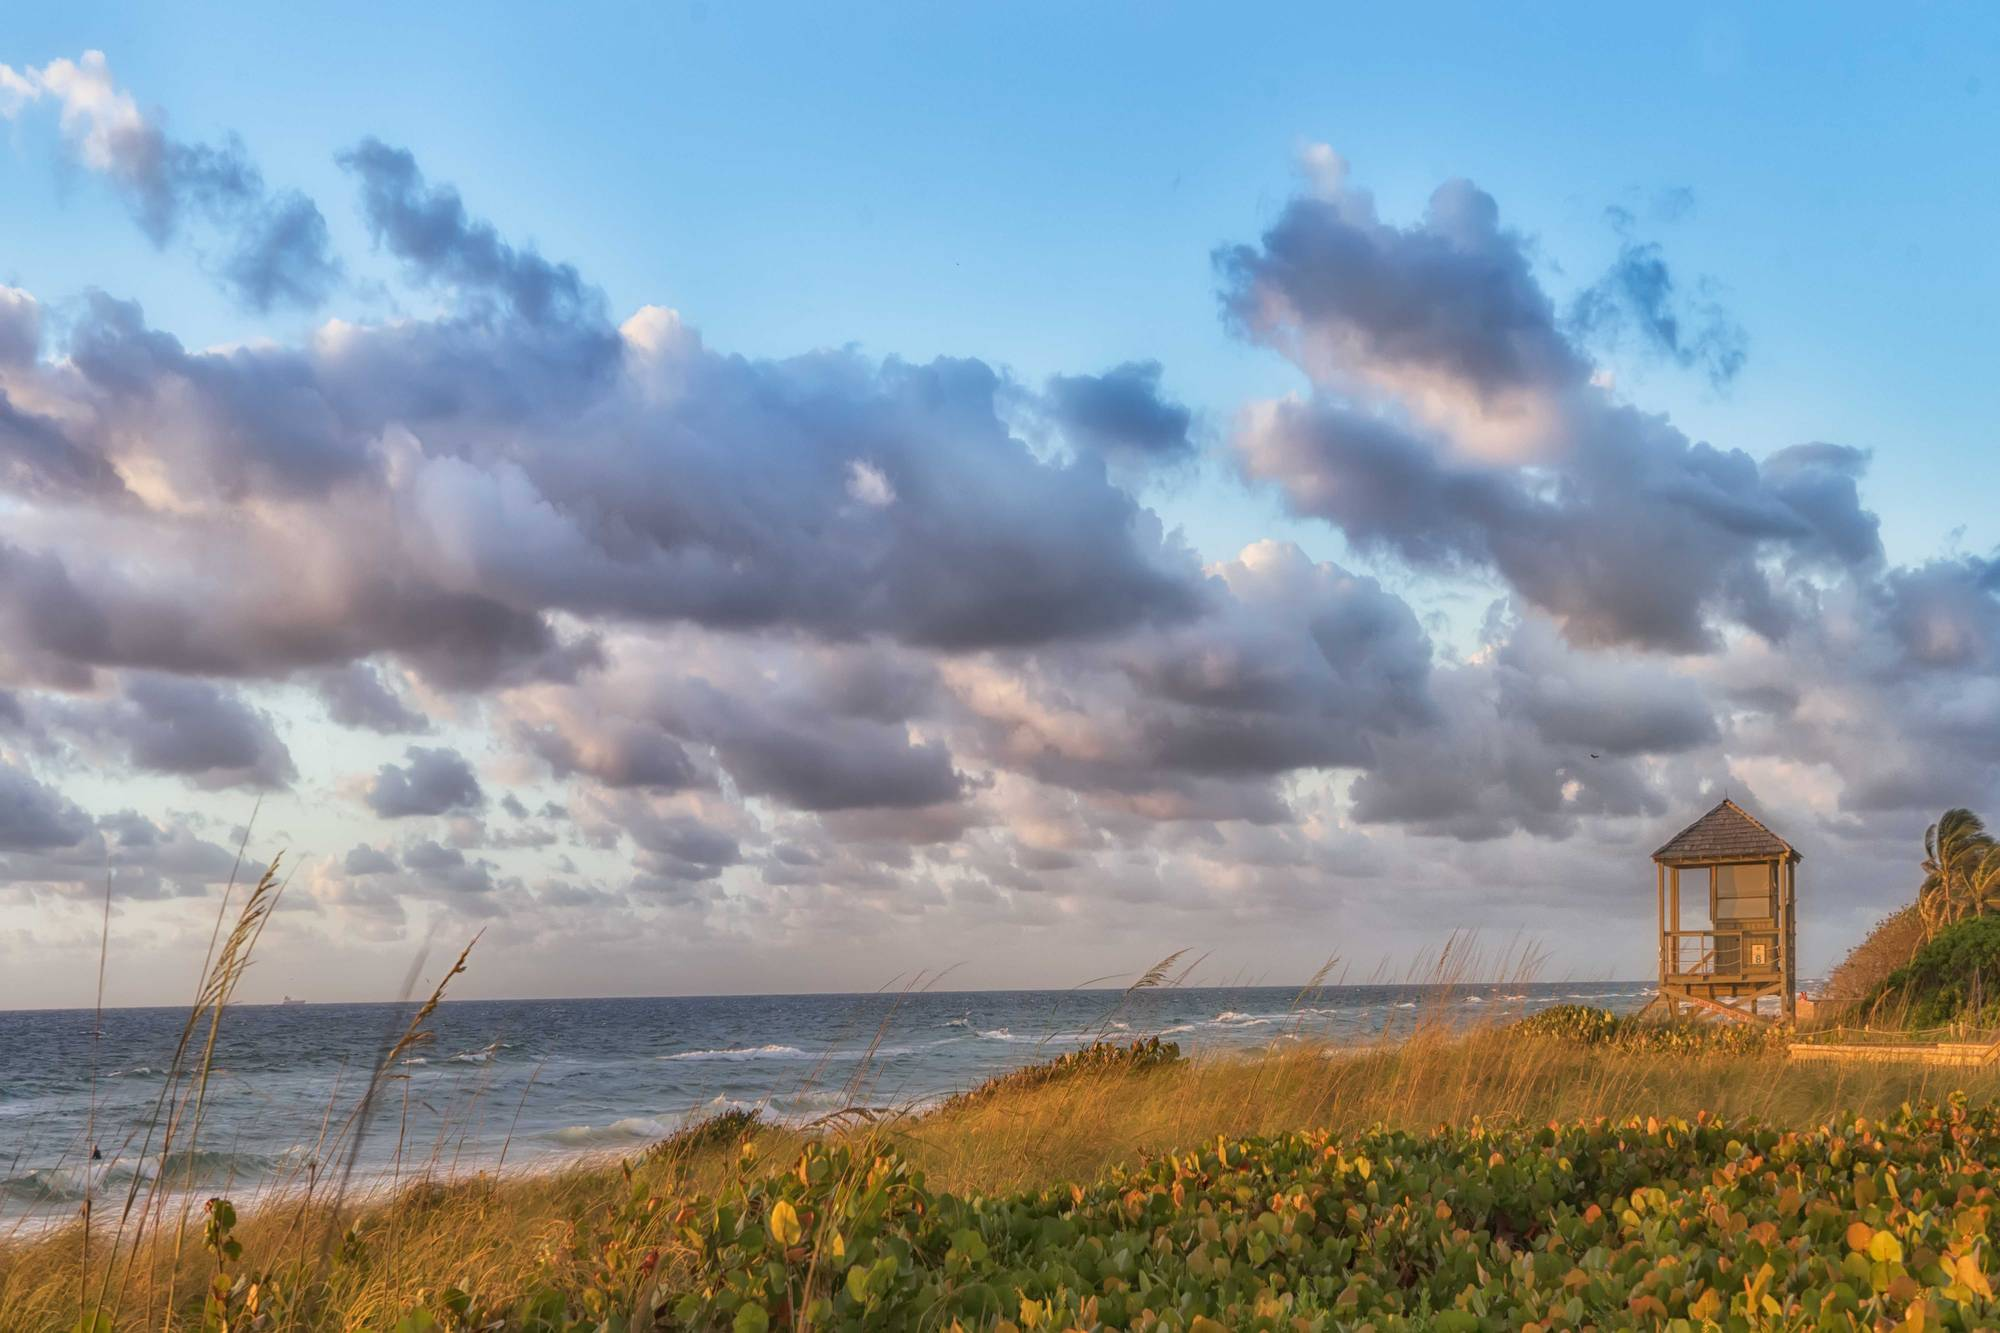 beach-acsess-BASE00853-2.jpg